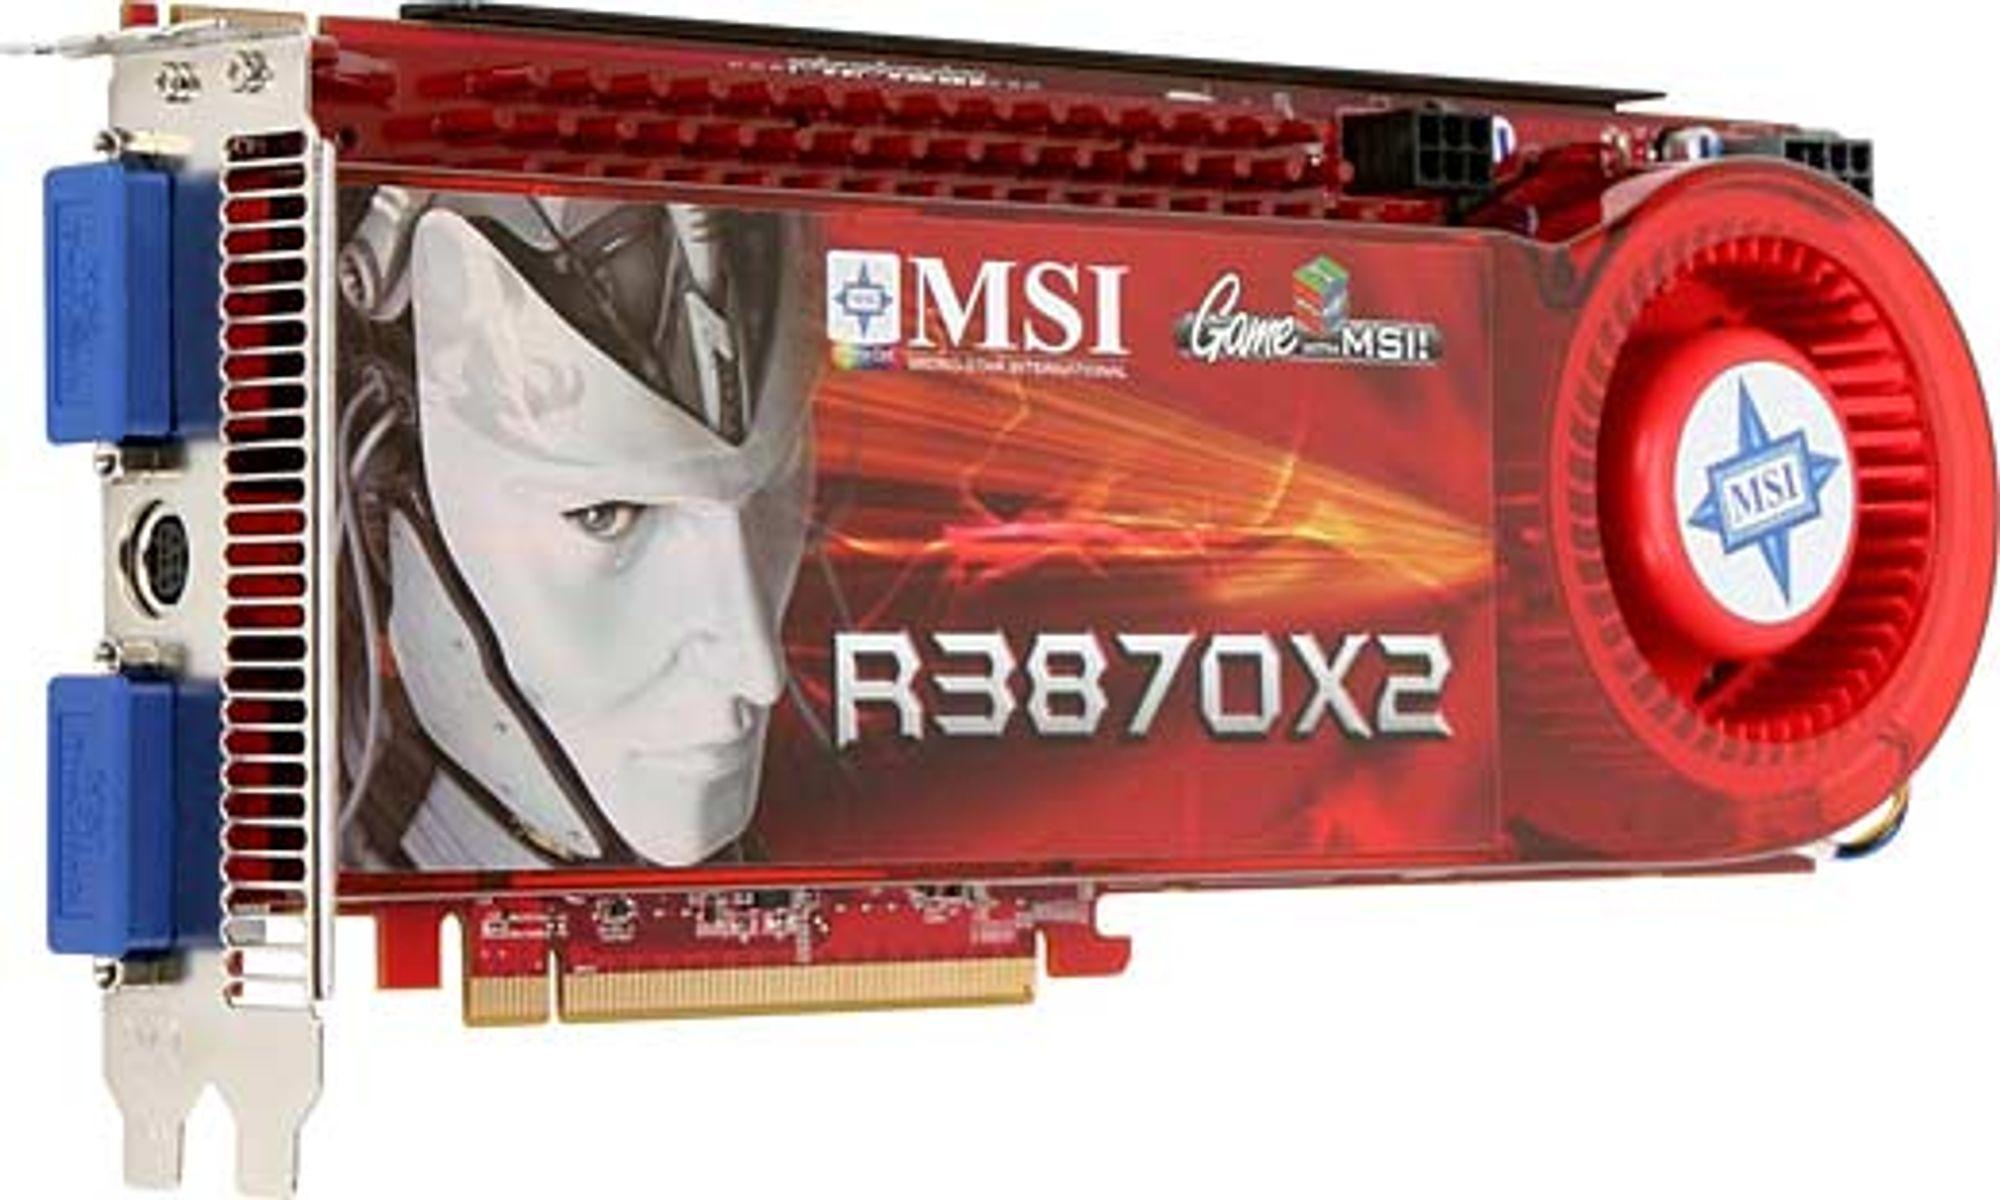 MSI R3870X2-T2D1G-OC